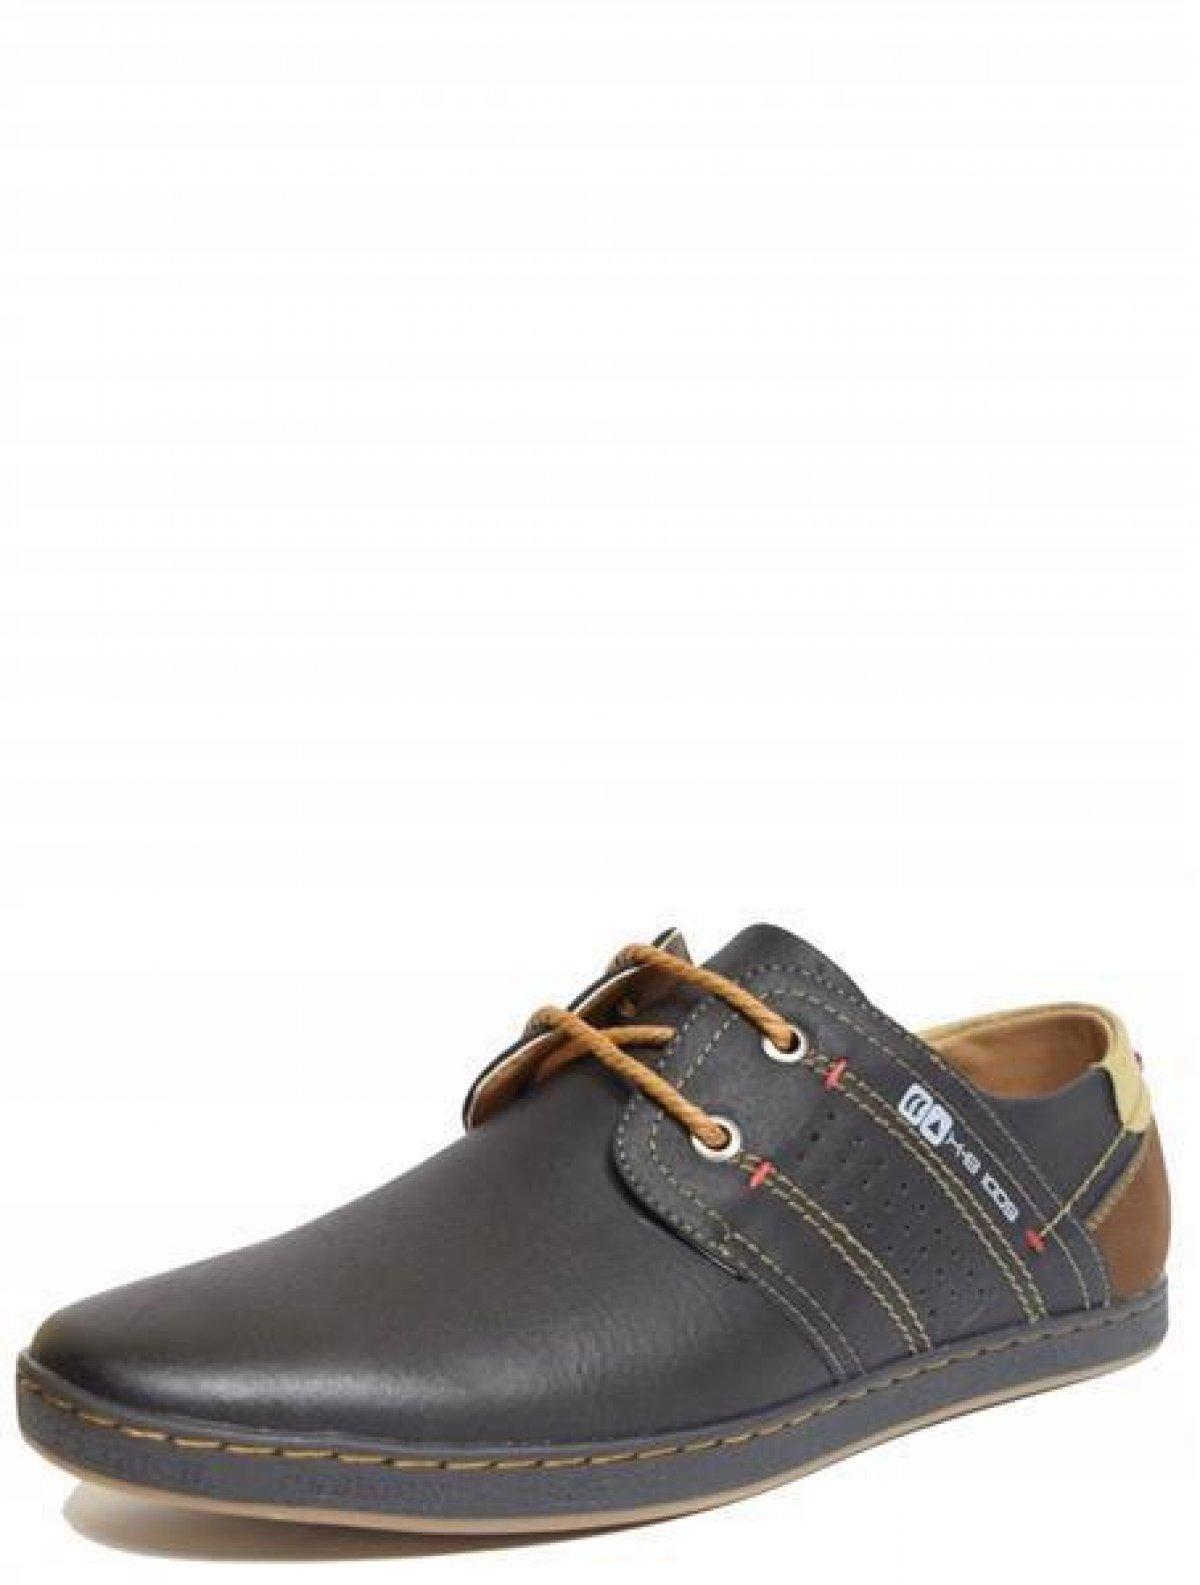 617920-5 туфли мужские